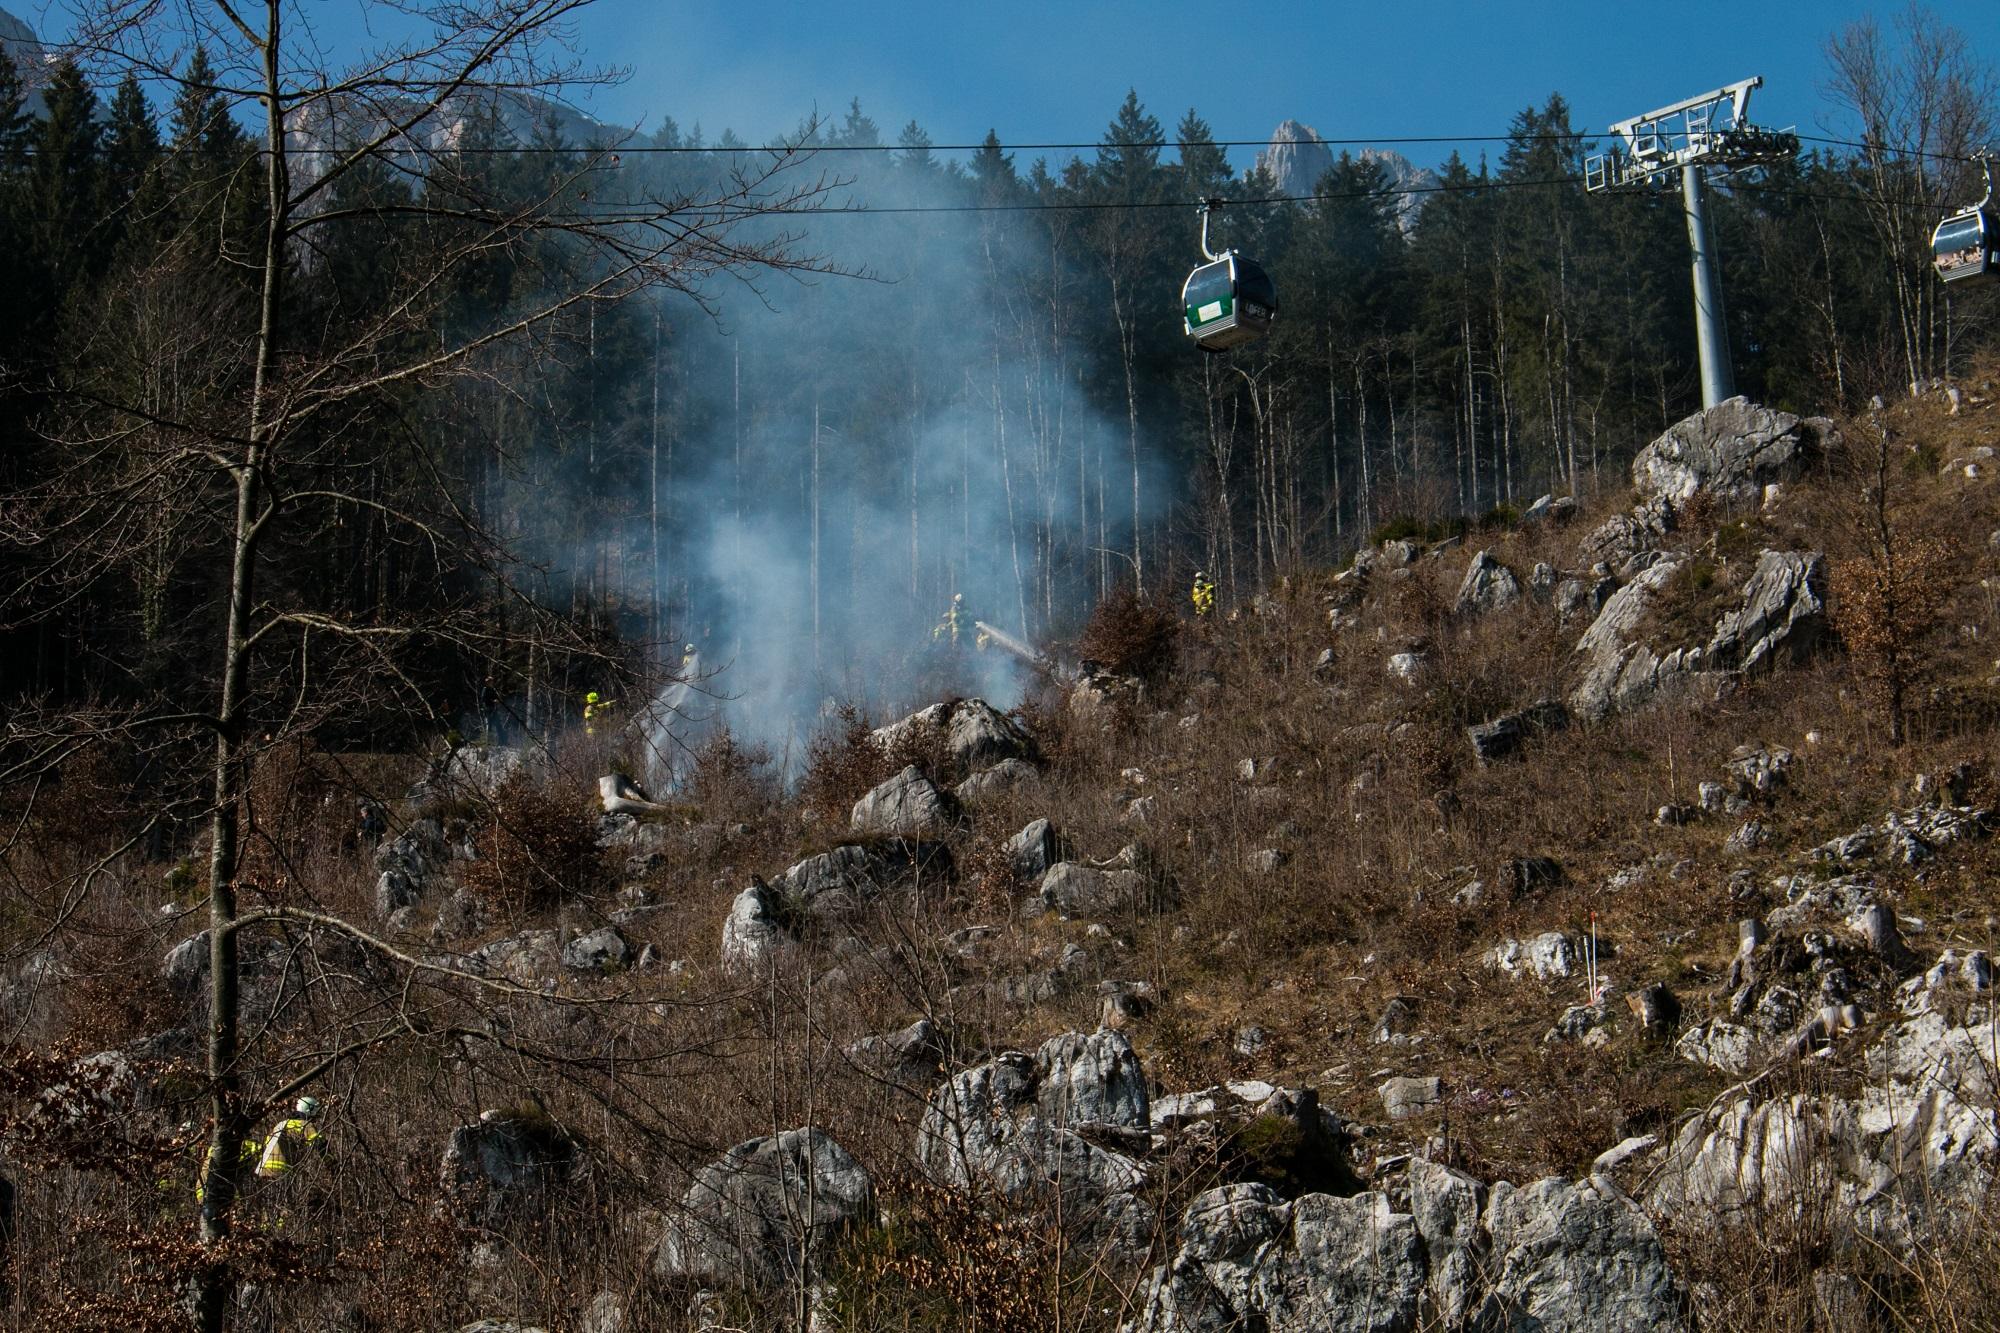 Flächenbrand Loferer Almenbahn I, am 14. März 2014